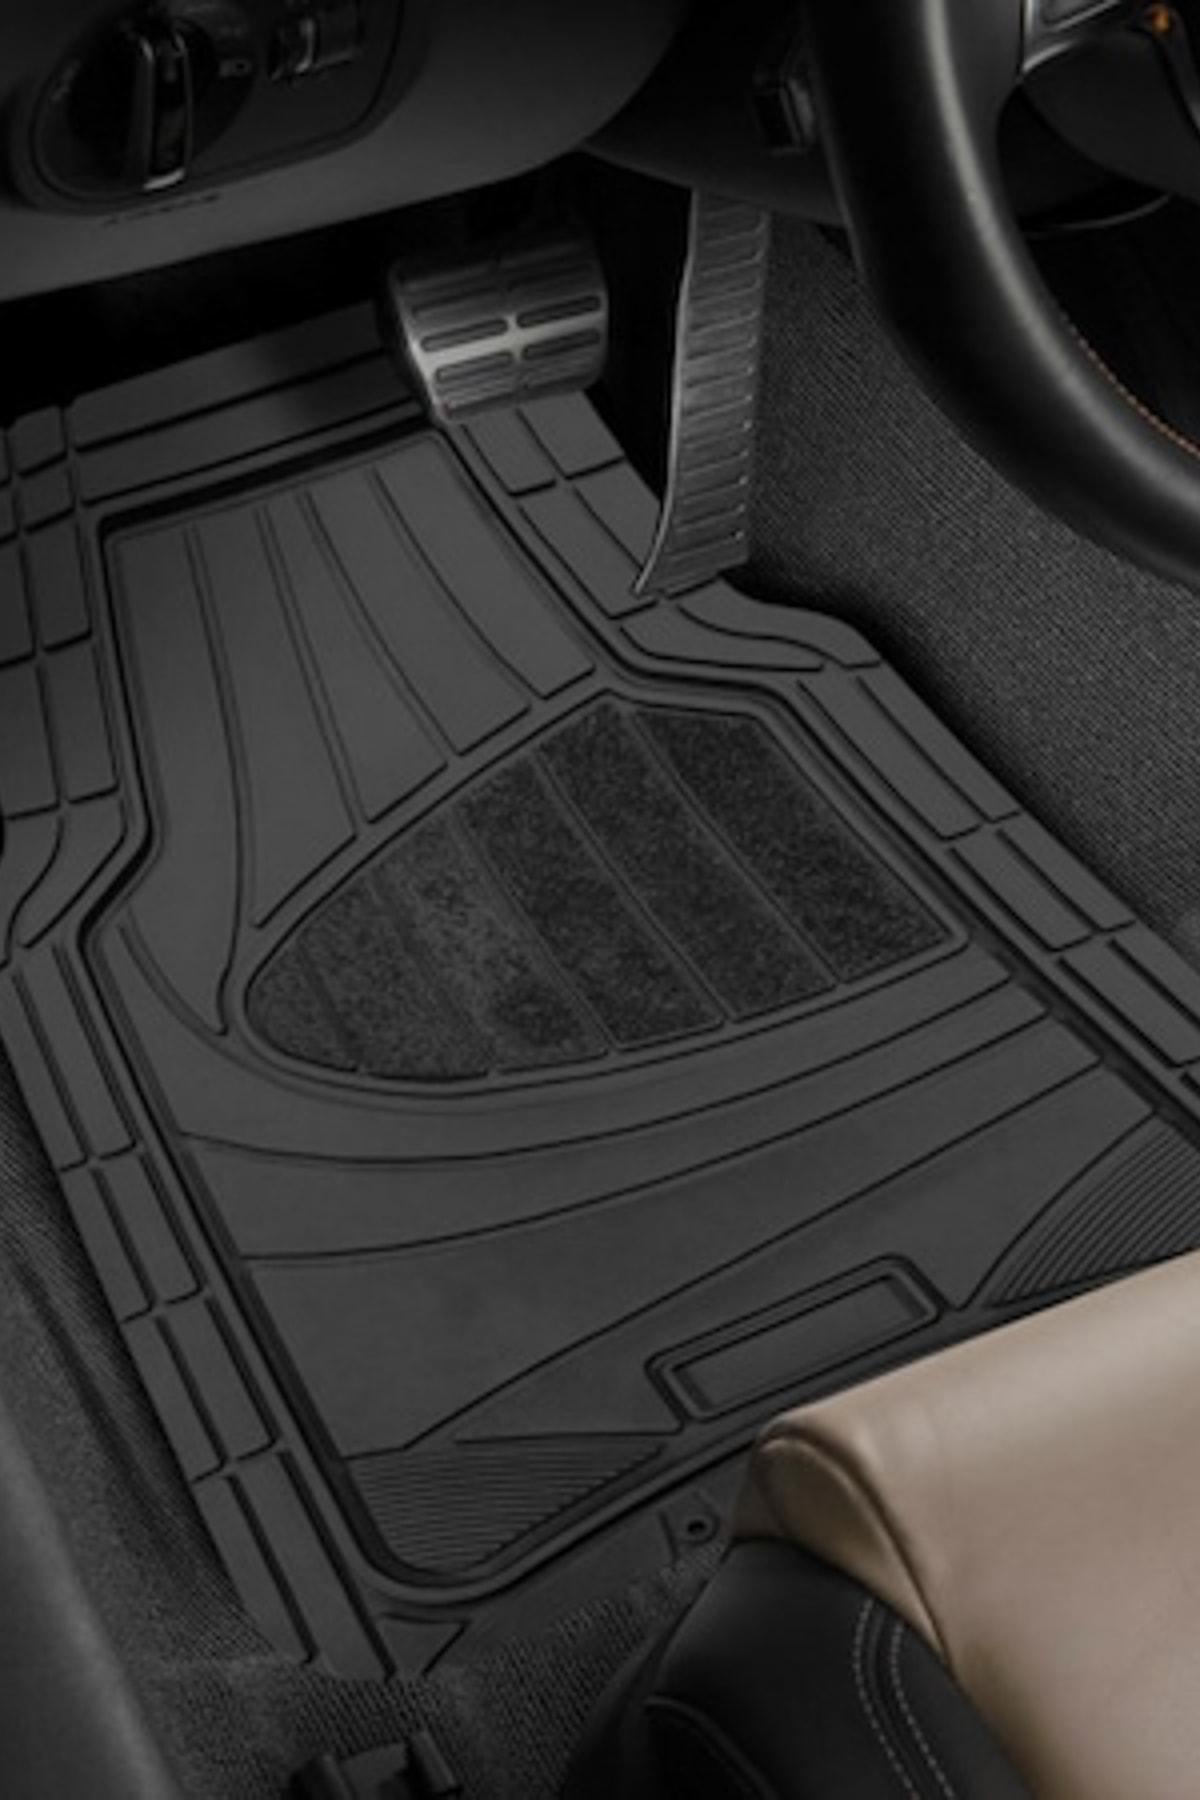 Elif Mazda 323 1998-2003 UYUMLU 3D HAVUZLU KAUÇUK PASPAS TAKIMI ÖN ARKA TAKIM 1